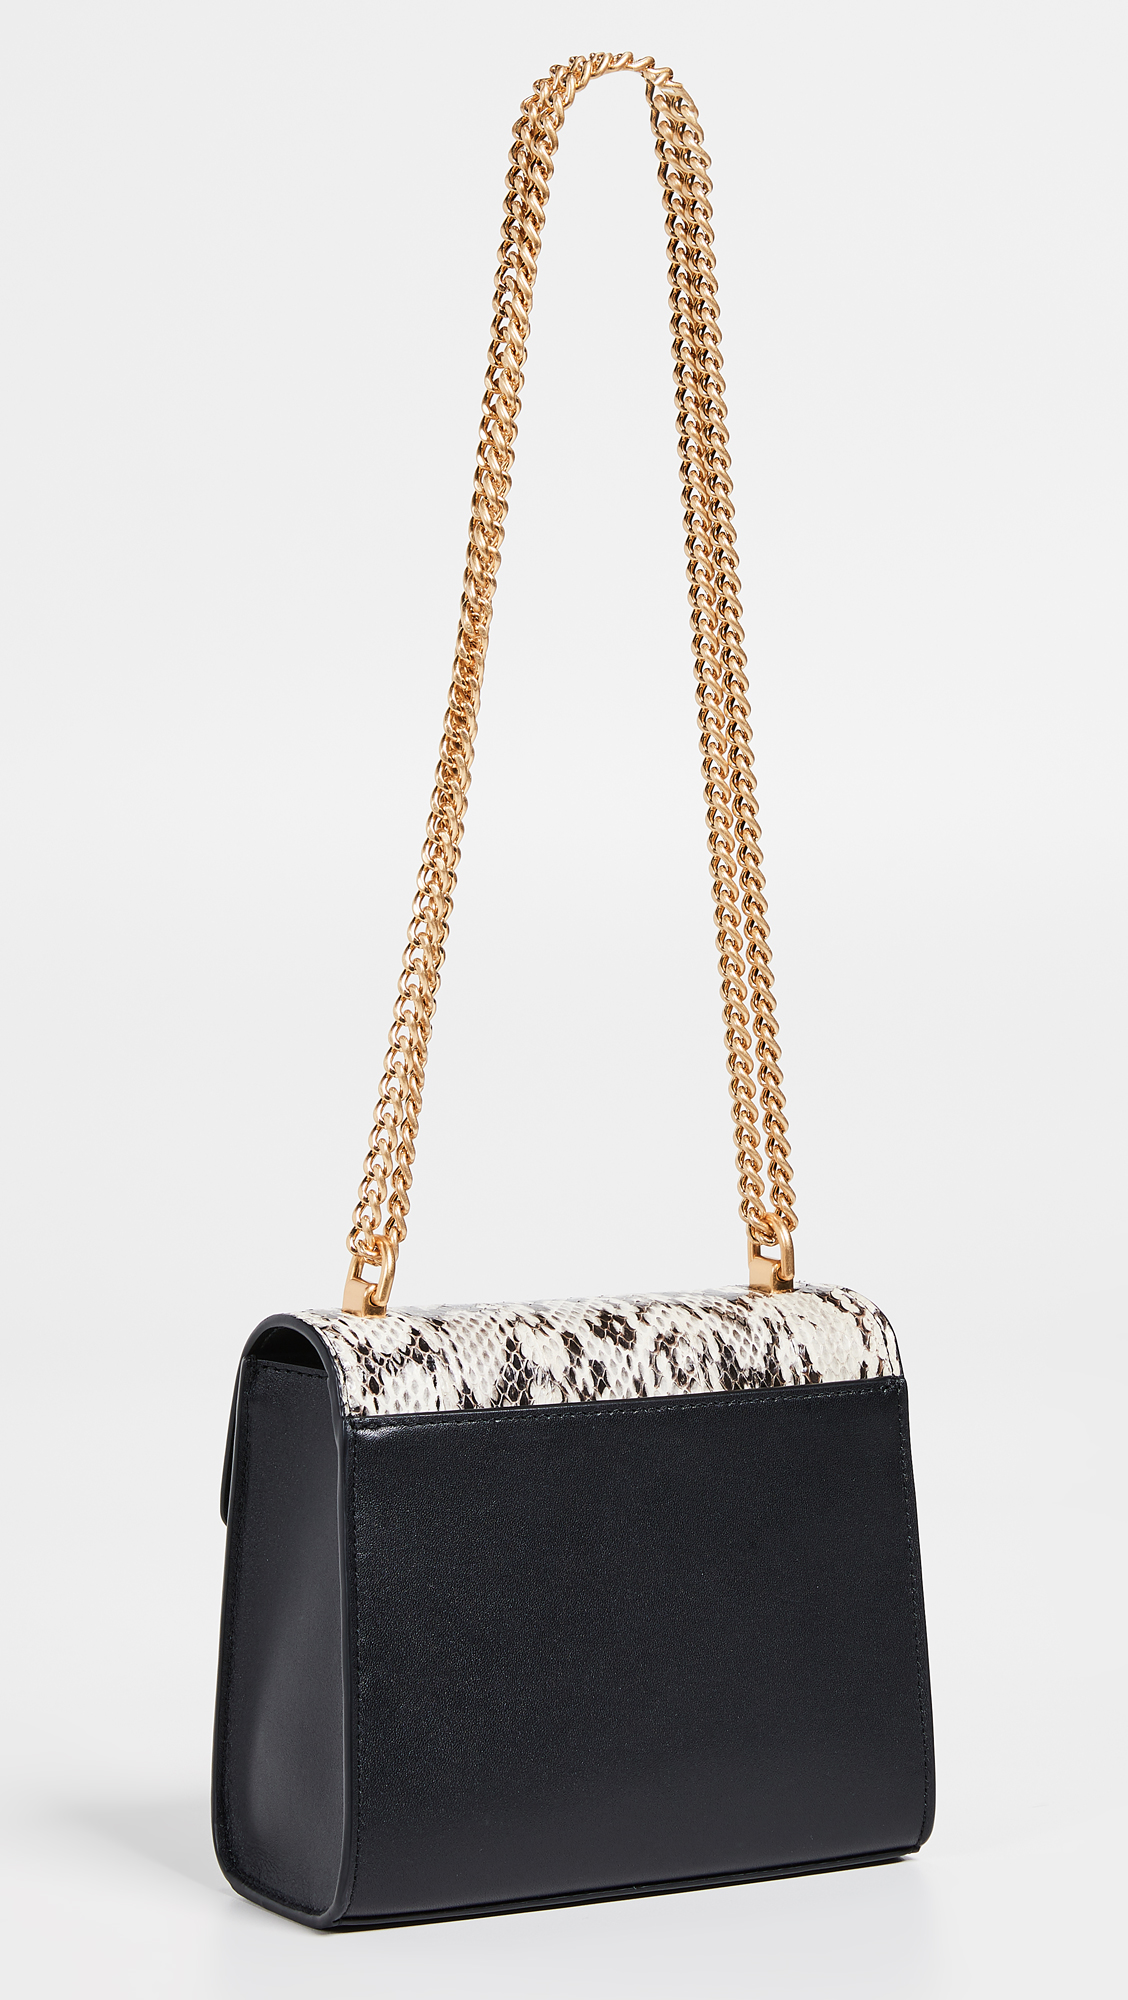 343dc854f0526 Tory Burch Juliette Exotic Chain Mini Bag